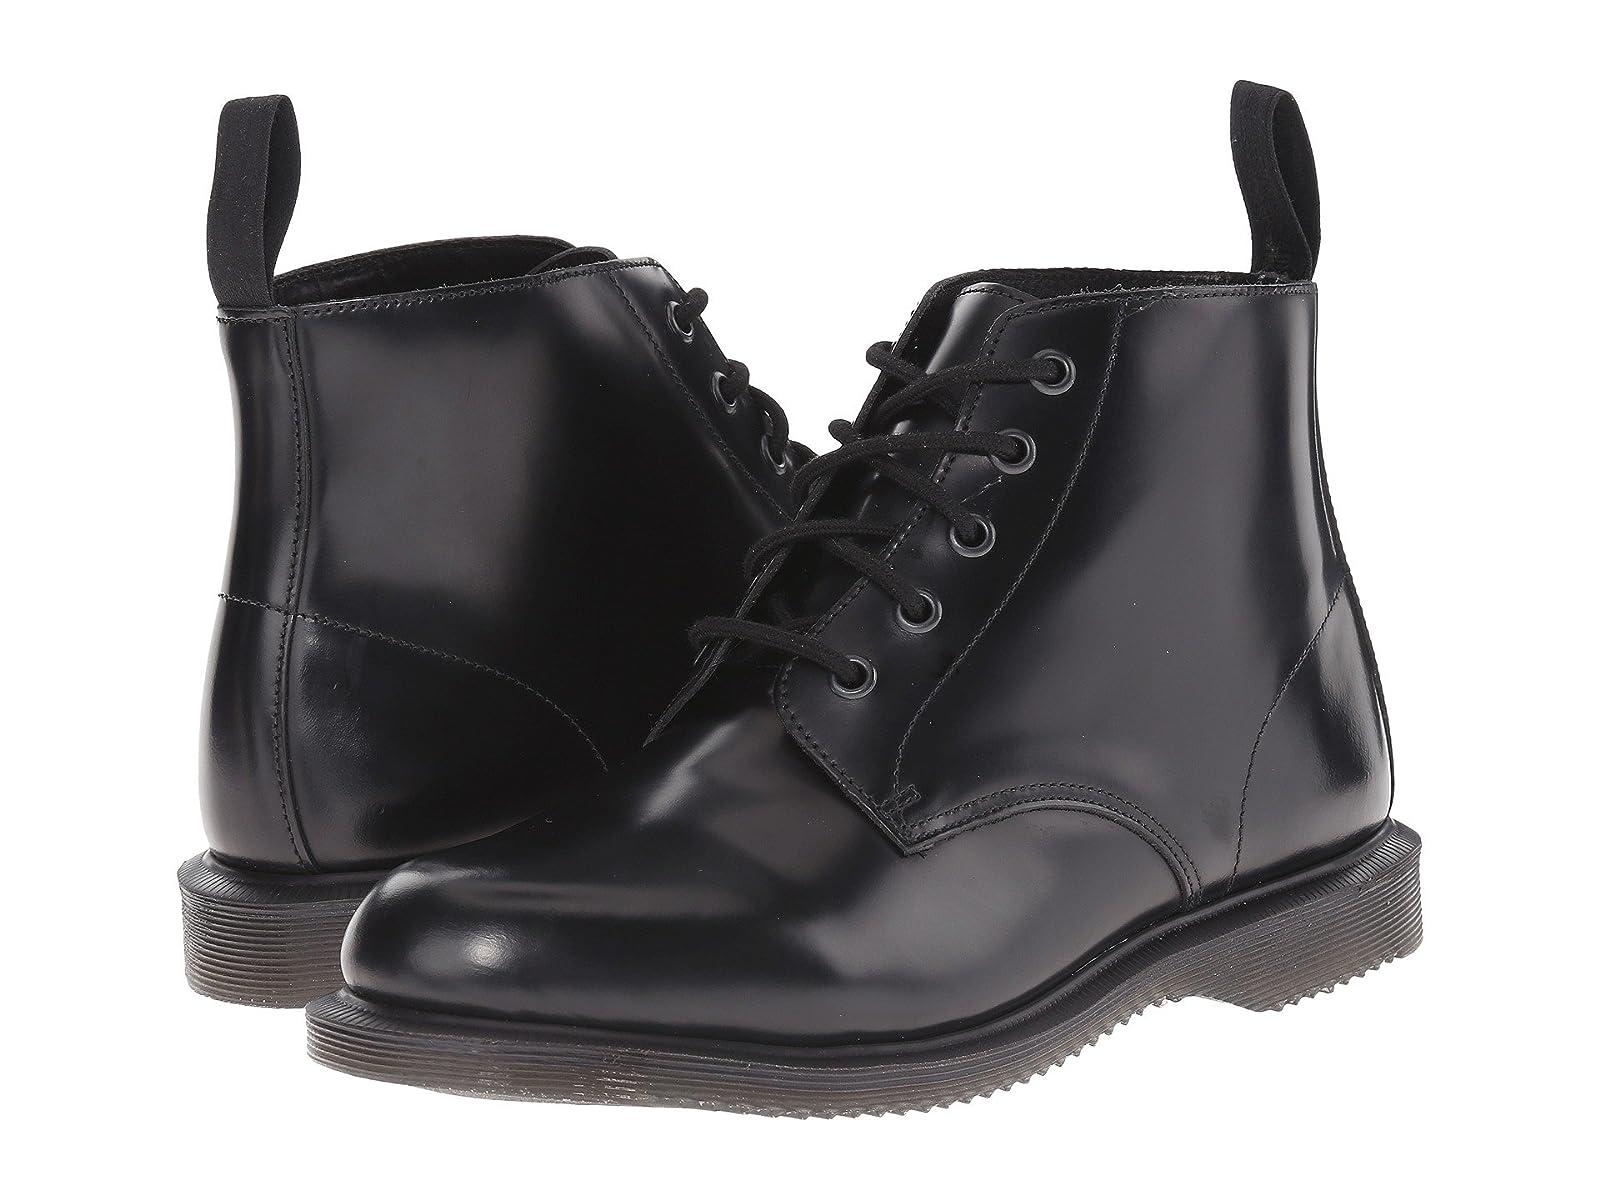 Dr. Martens EmmelineAffordable and distinctive shoes